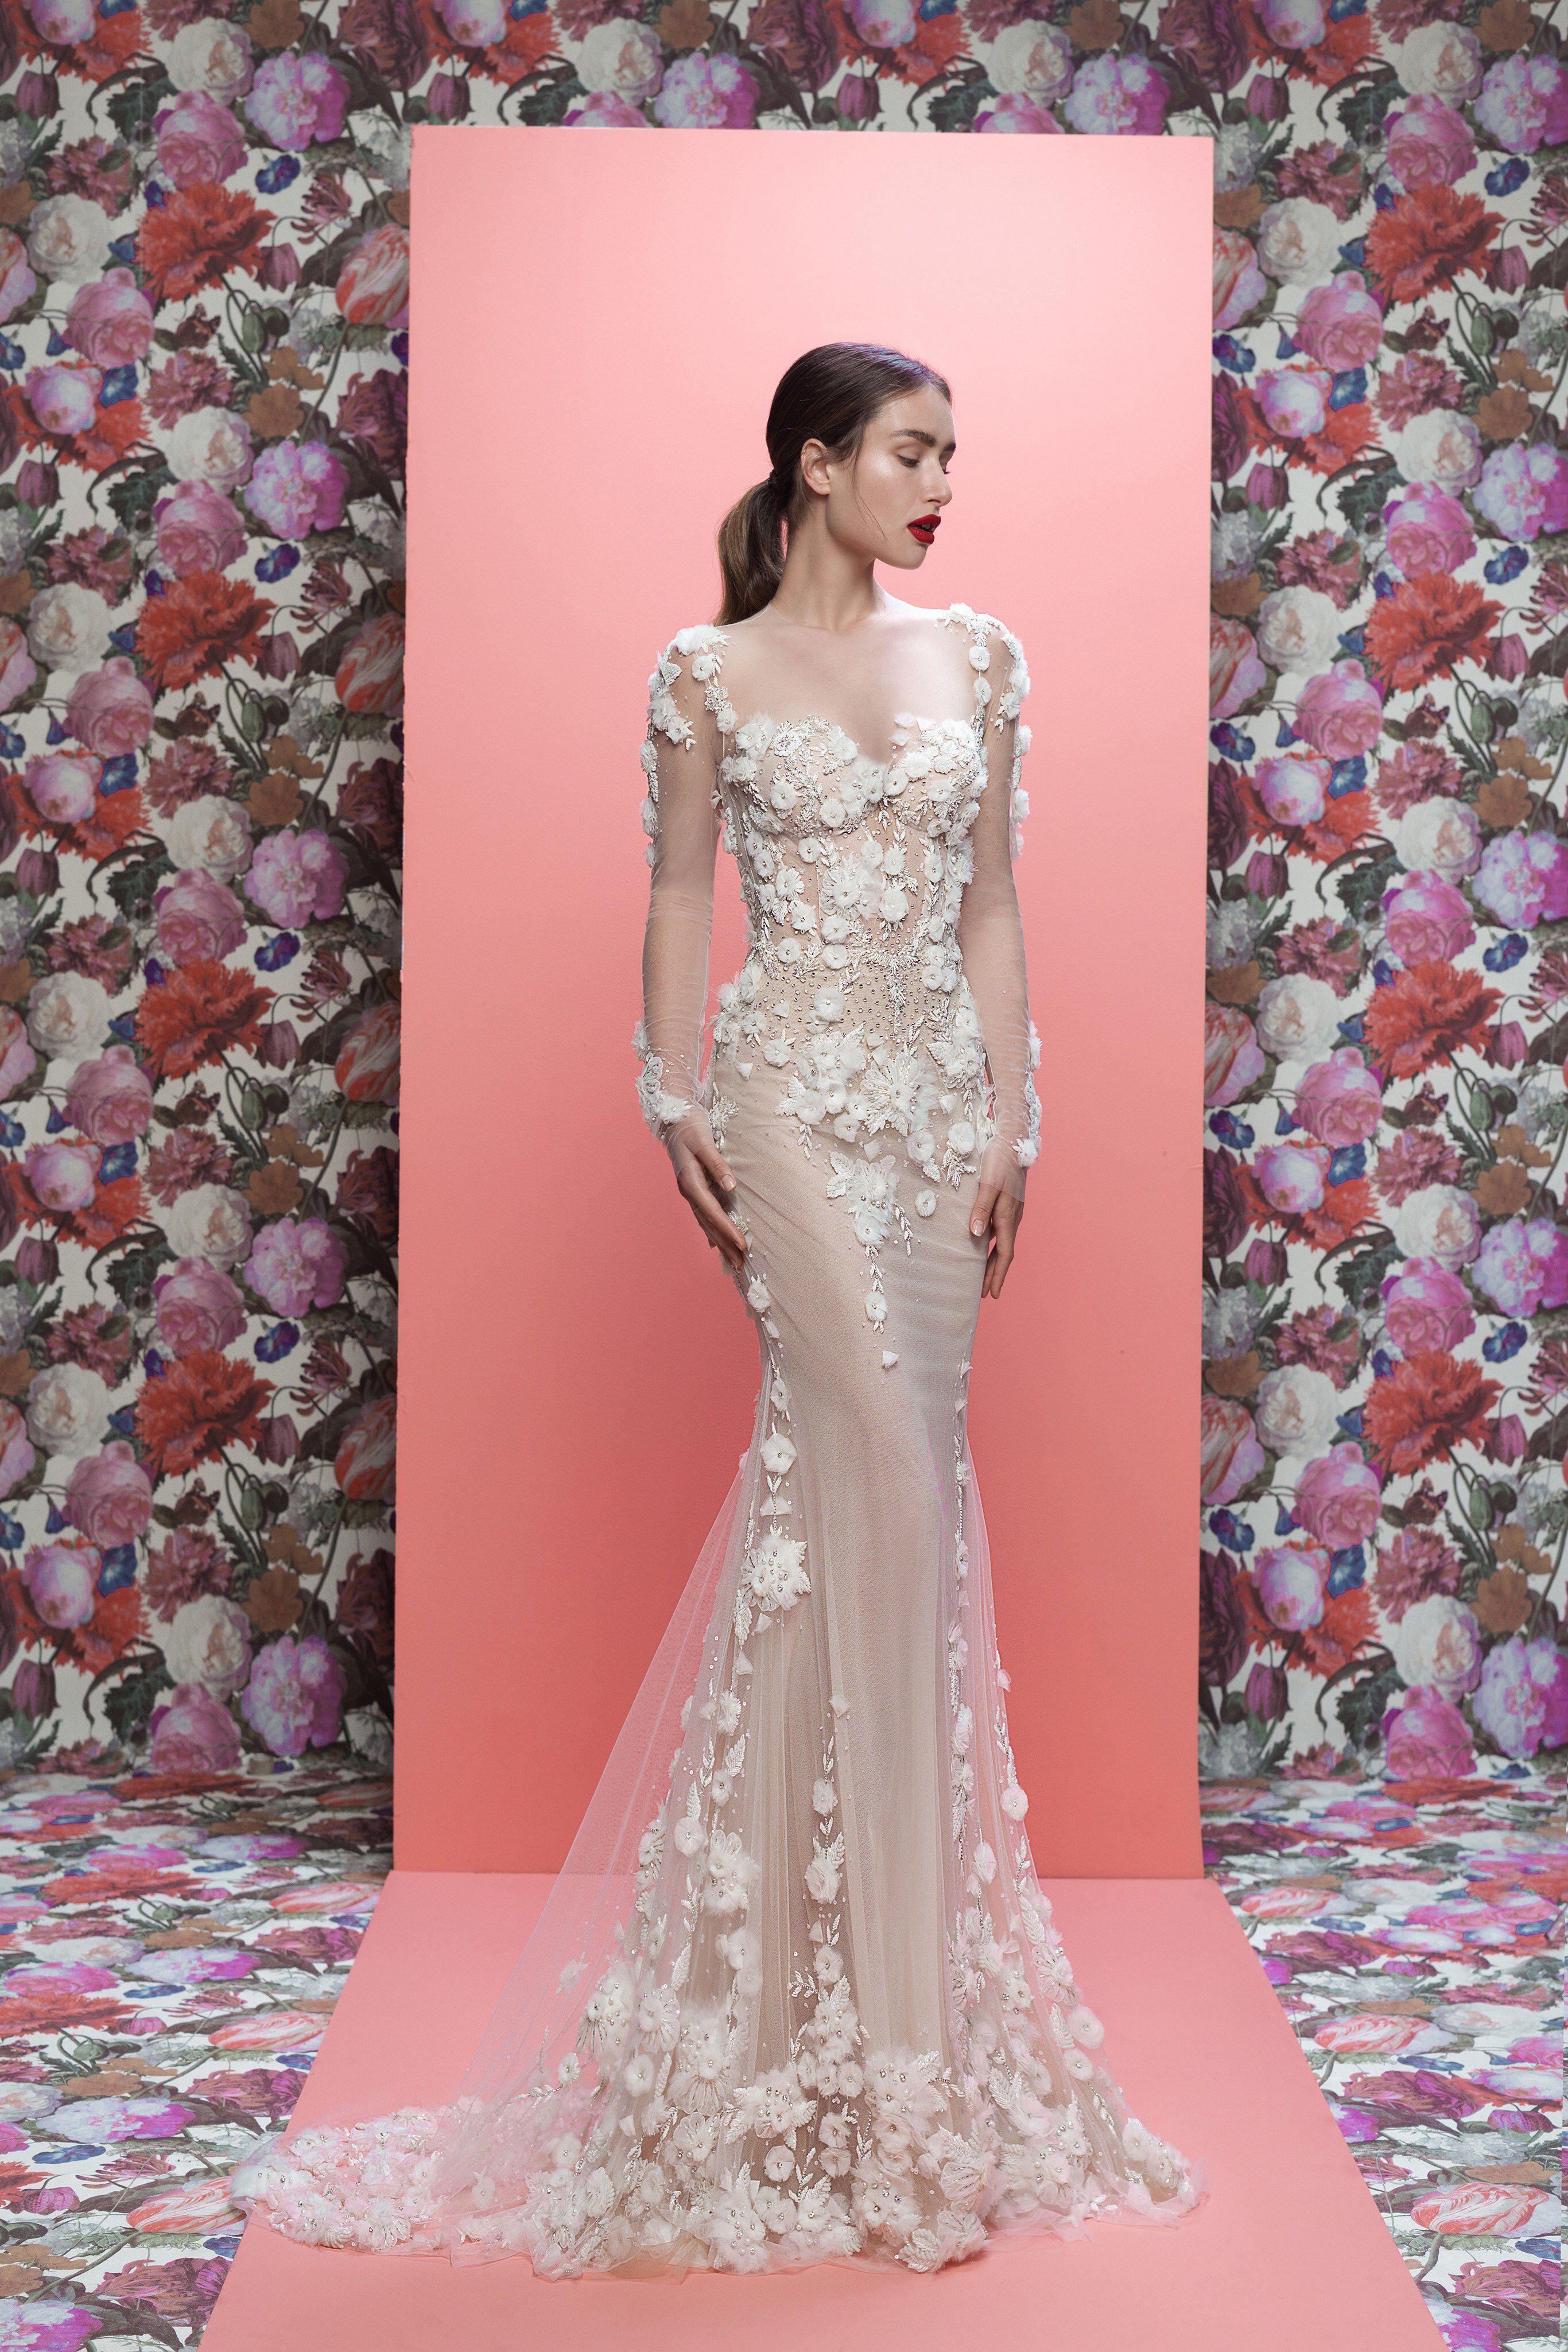 Galia lahav bridal spring 2019 fashion show collection